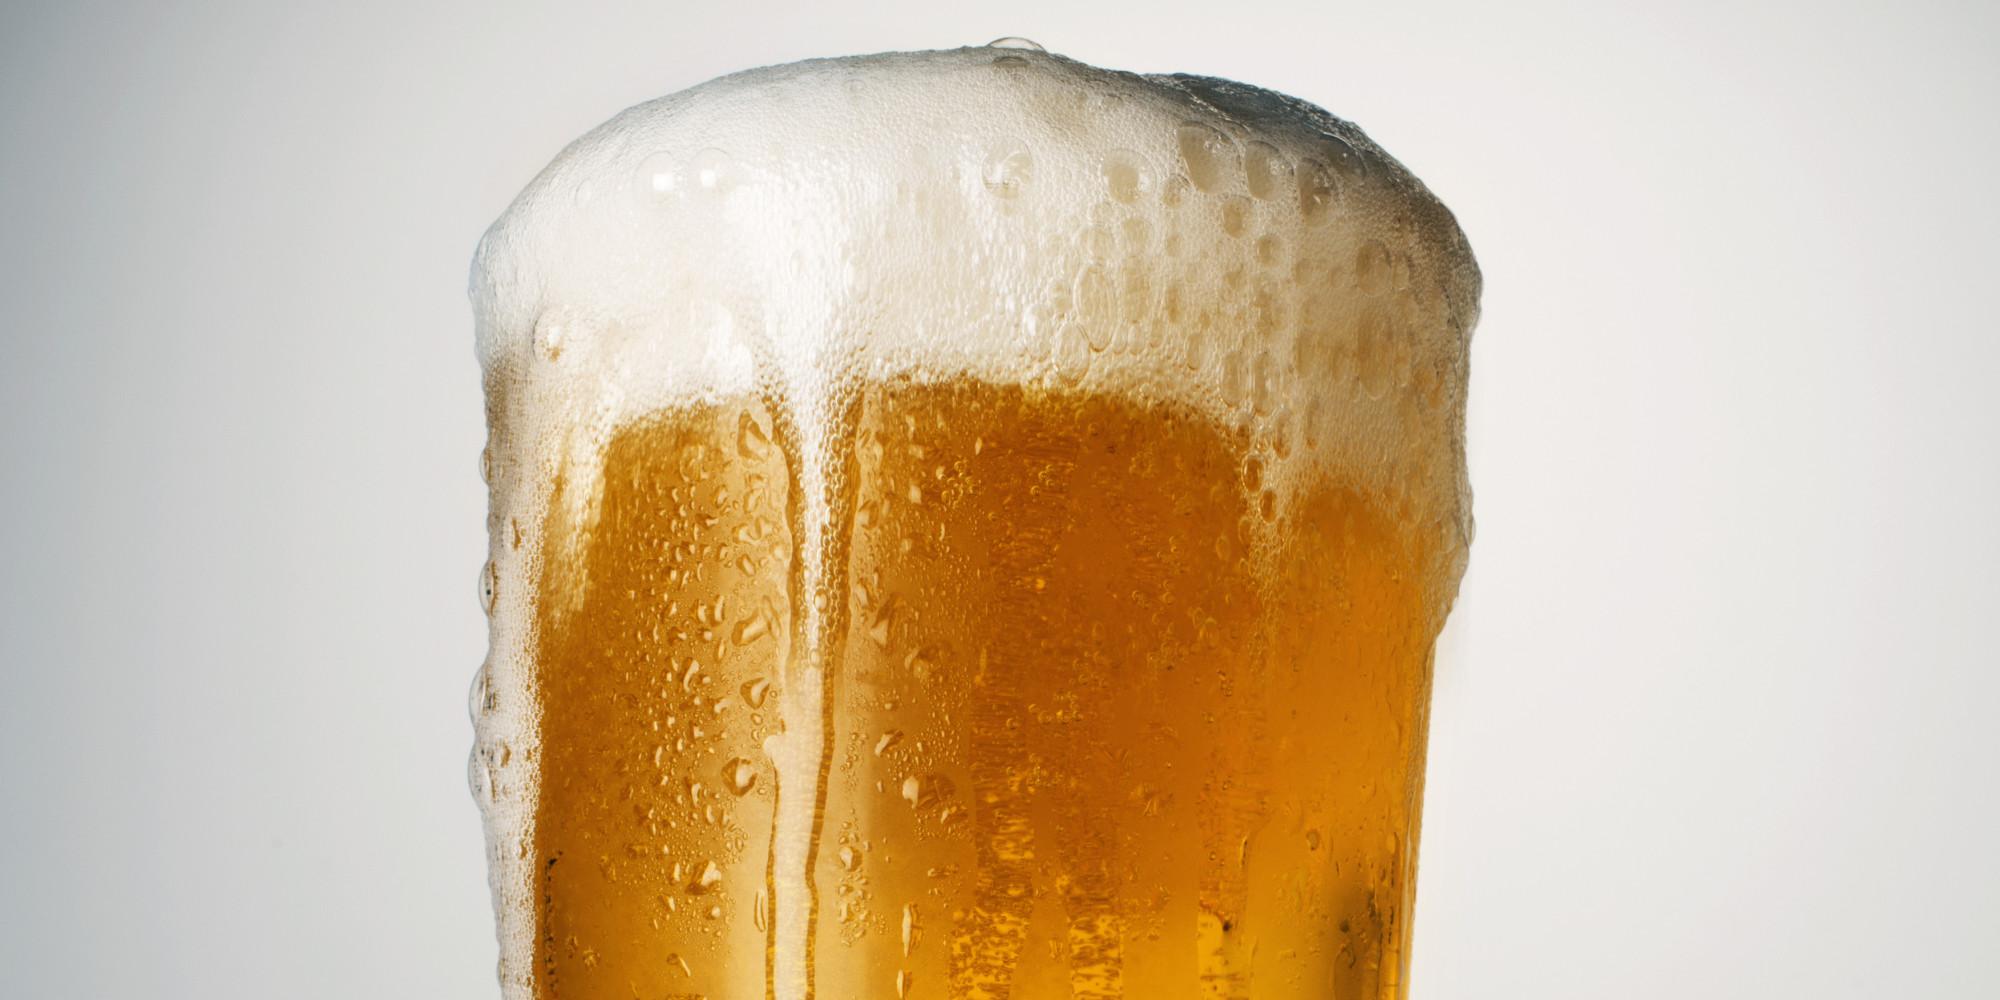 Cerveza radiacion